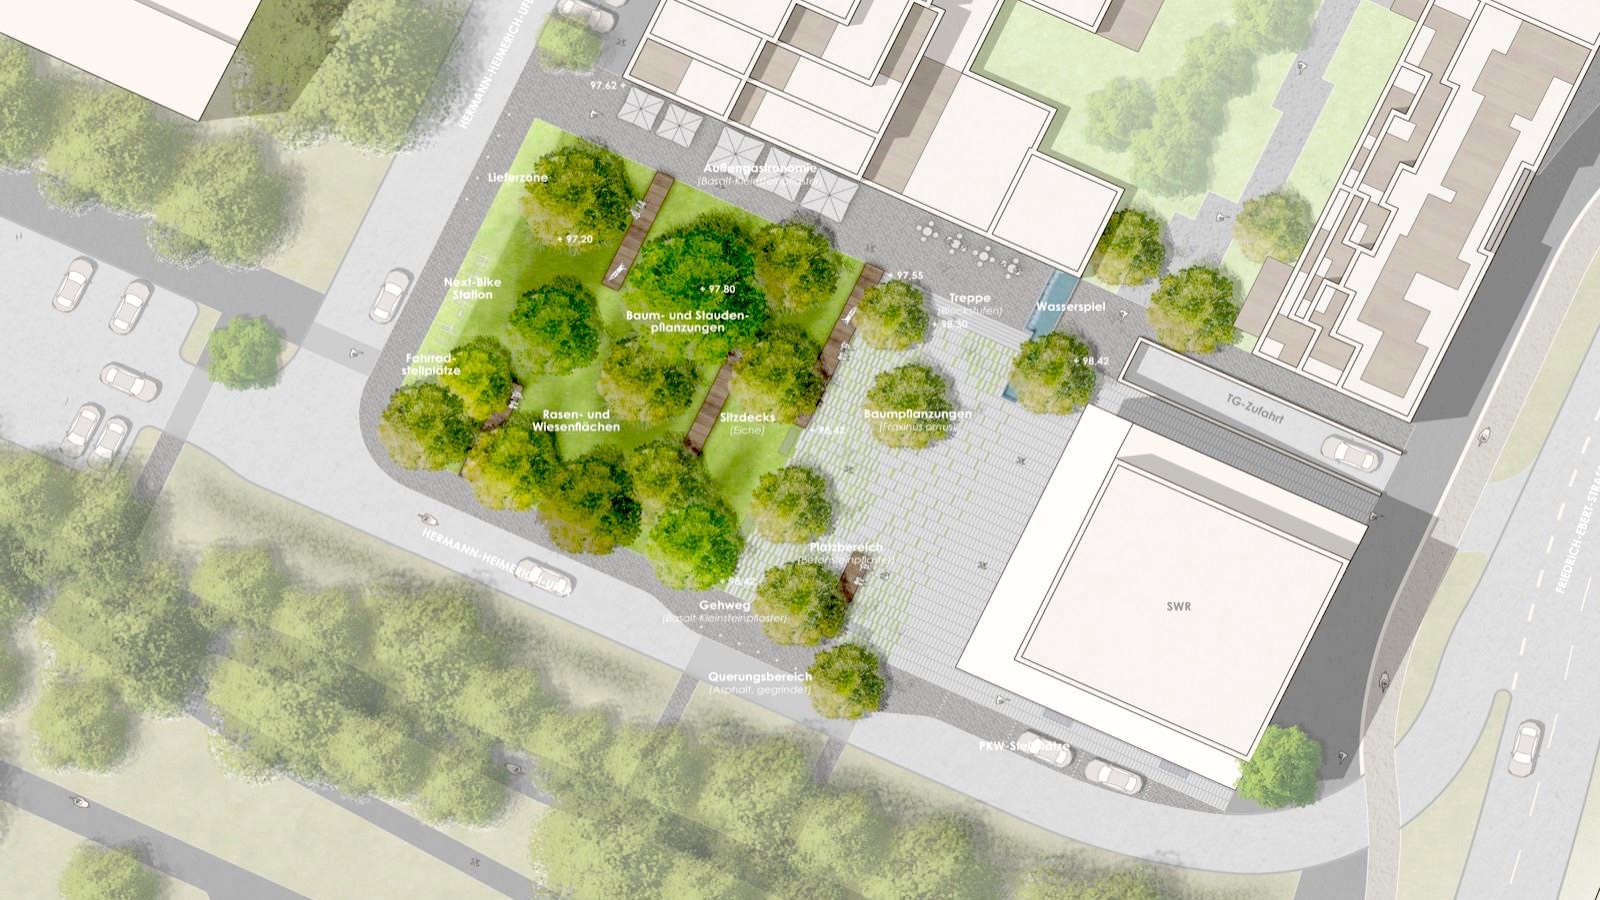 Im Planungswettbewerb zur Gestaltung der Grün- und Freiflächen auf der Schafweide ist der Entwurf des Planungsbüros BHM Planungsgesellschaft aus Bruchsal zum Sieger gekürt worden   Bild: BHM Planungsgesellschaft